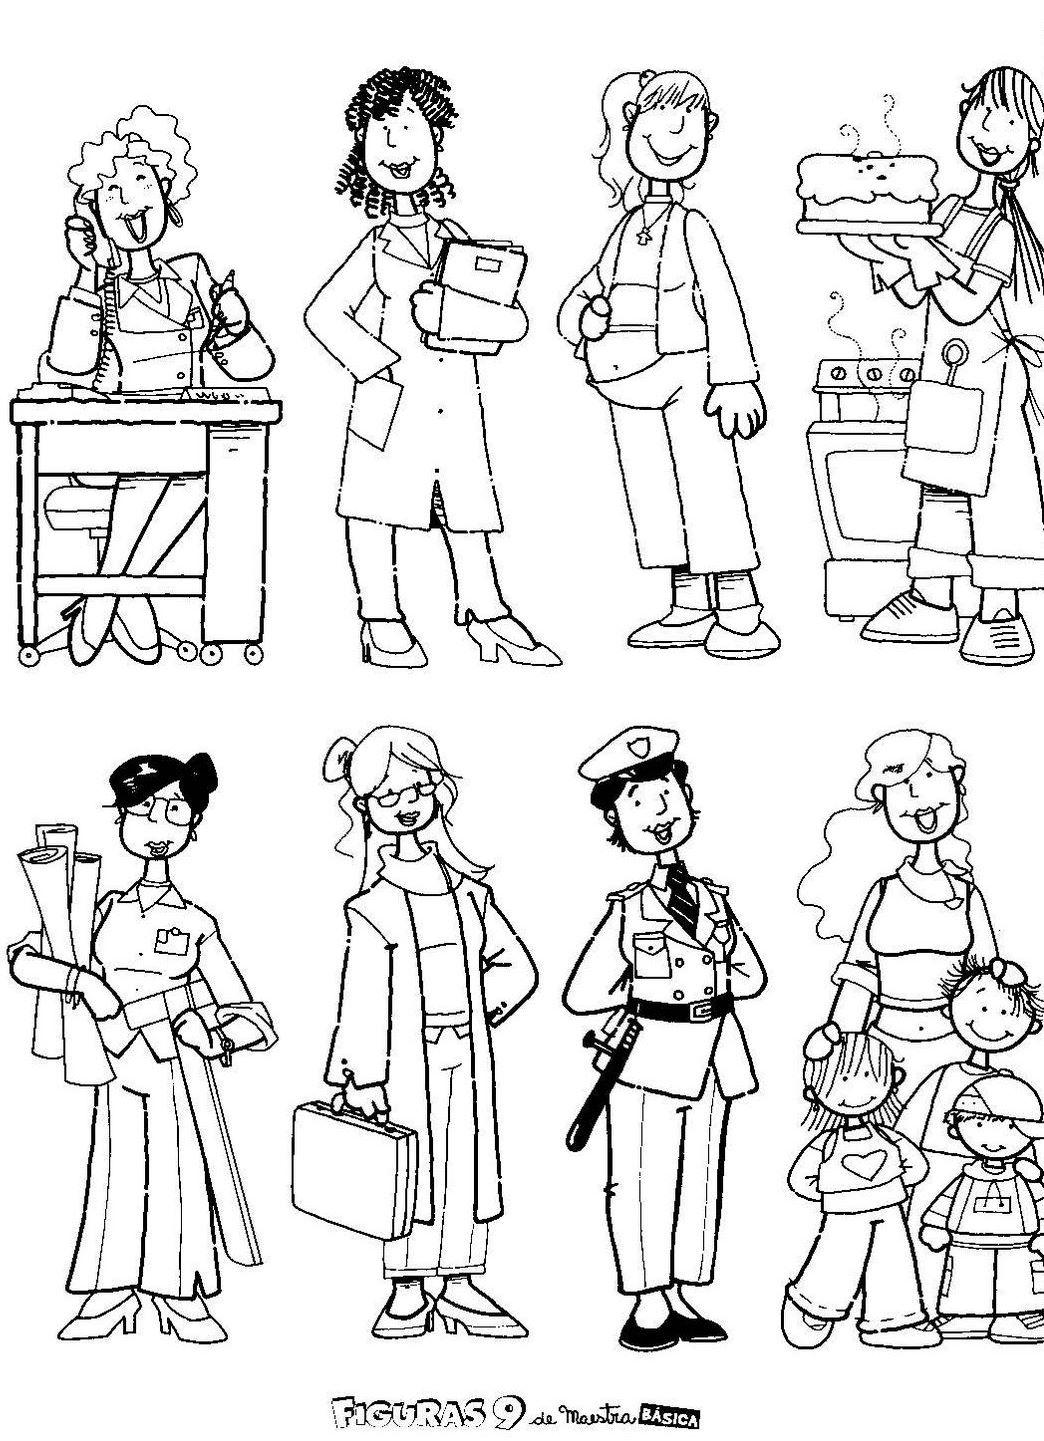 mulheres desenhos para colorir desenhos para colorir